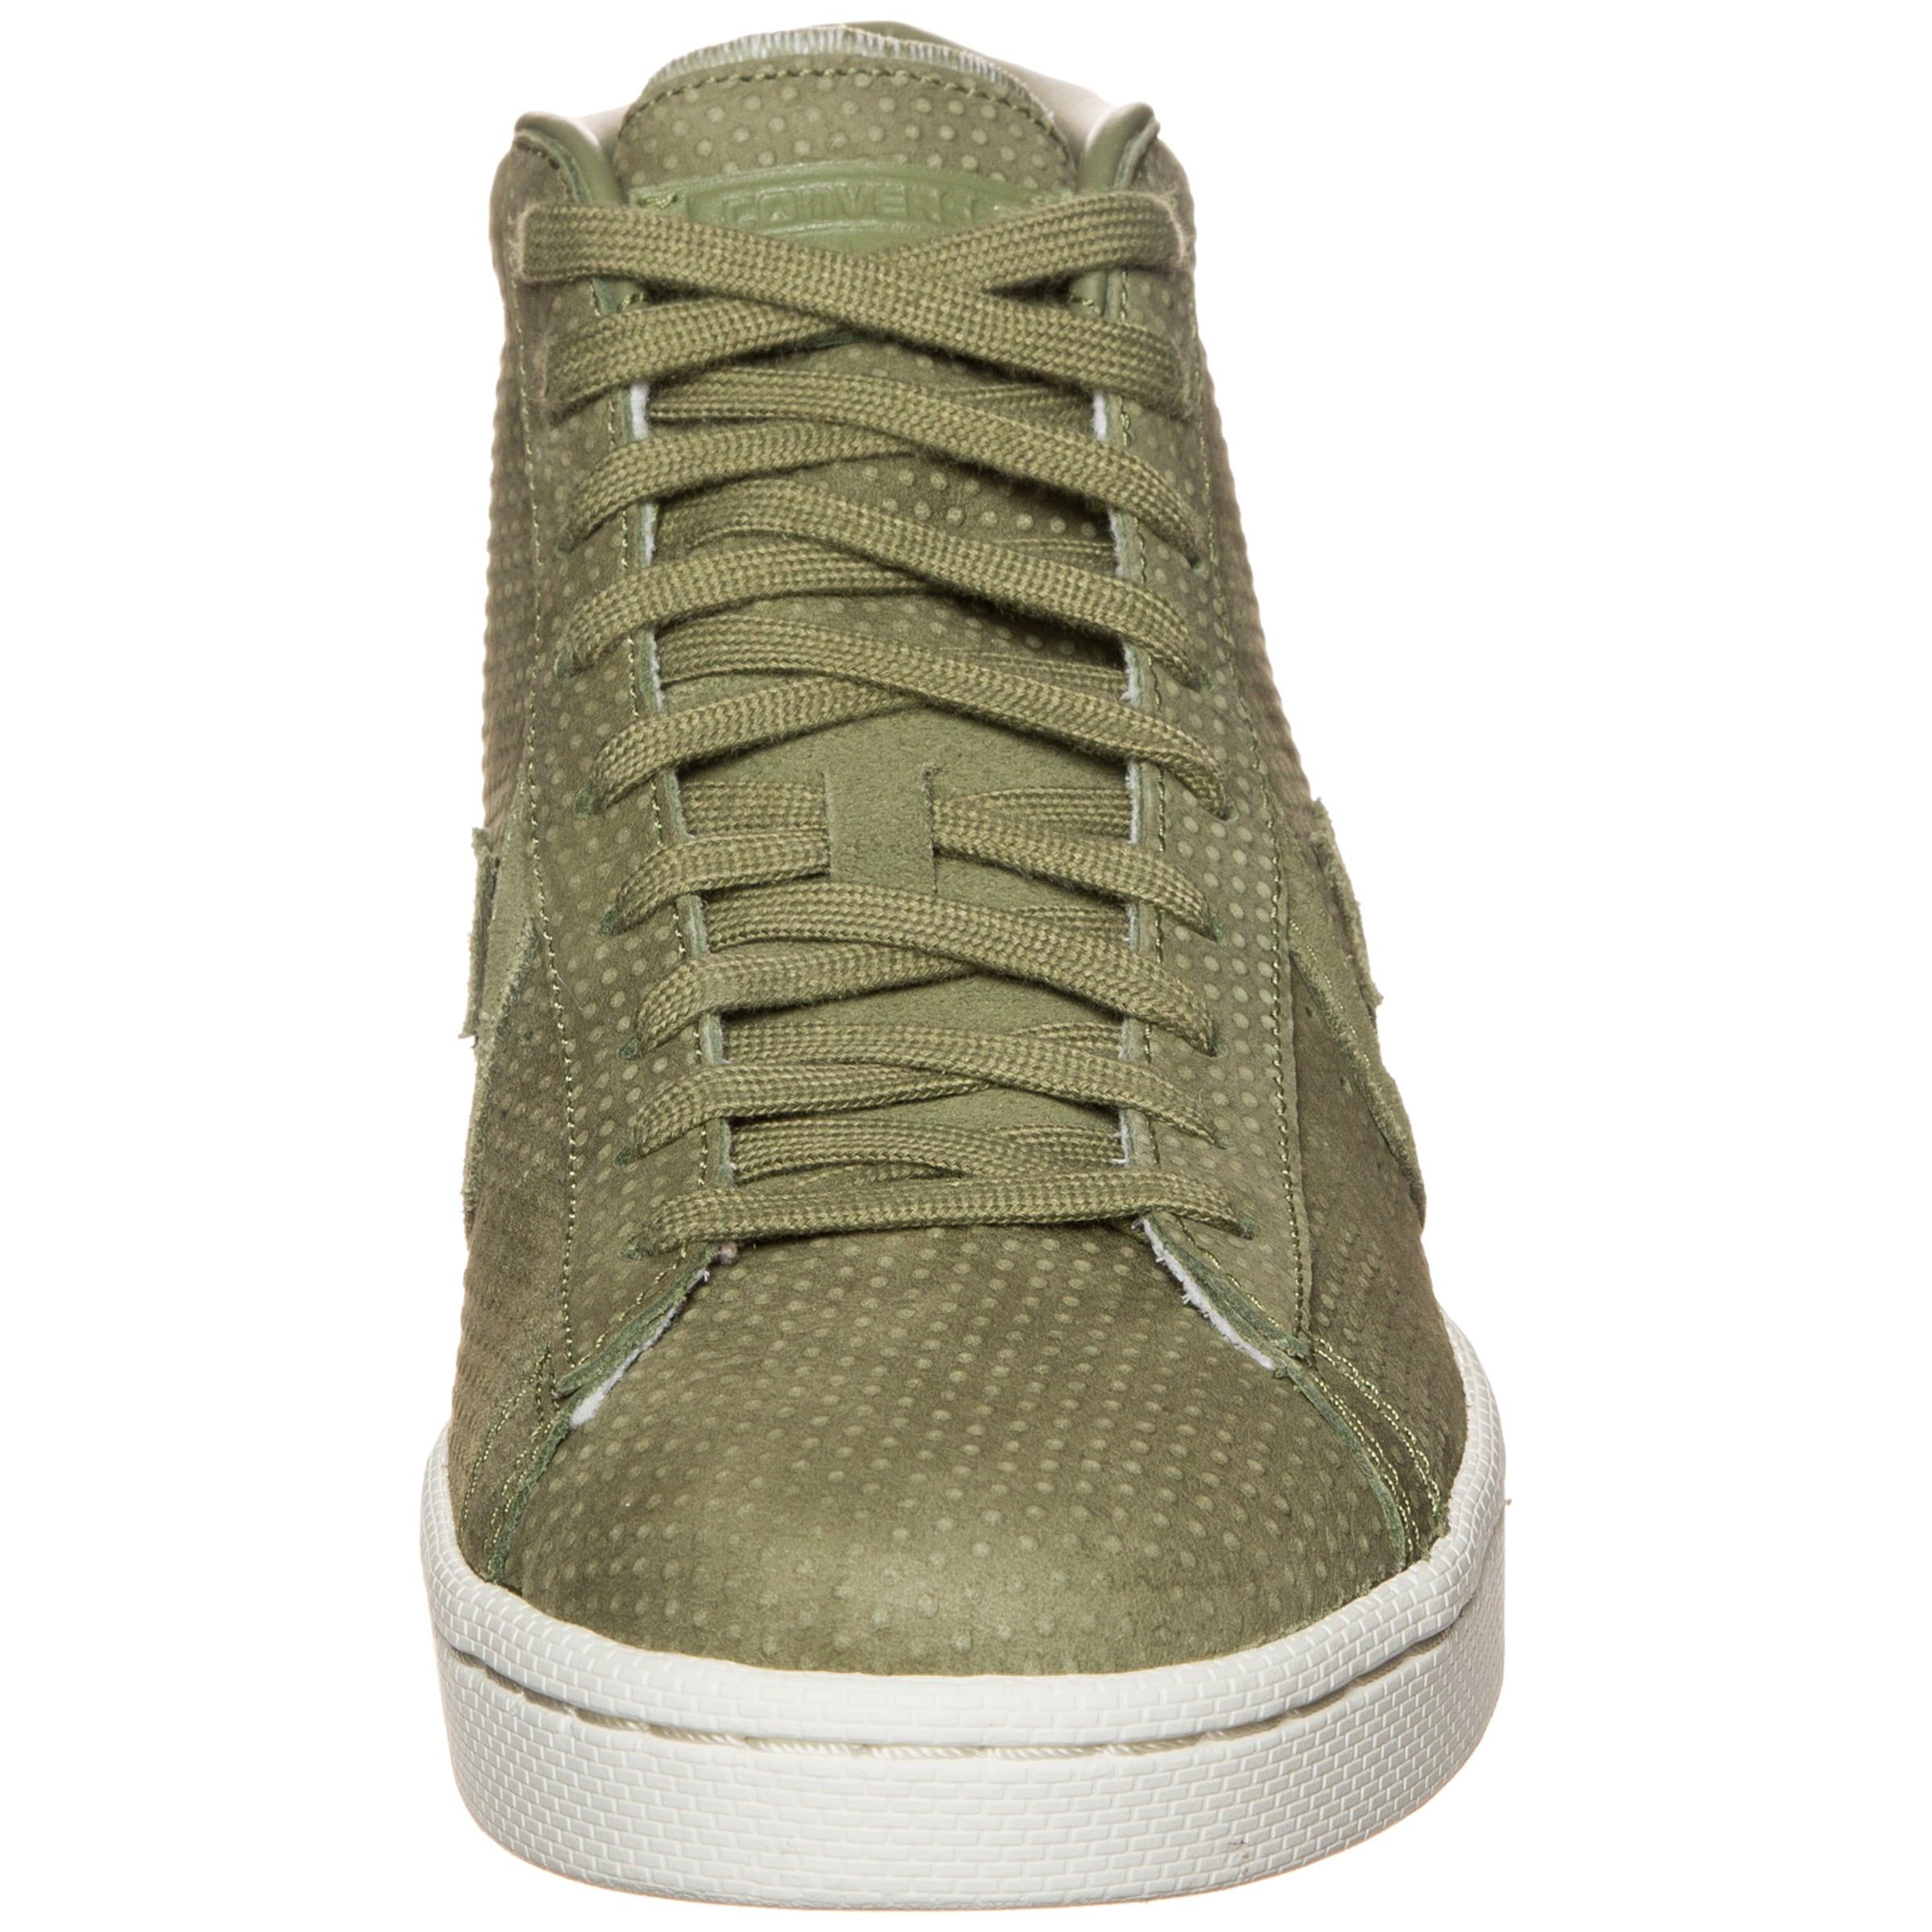 Converse Mid' Baskets Lux Hautes 'pro Leather En 76 Kaki qUMGSzpV